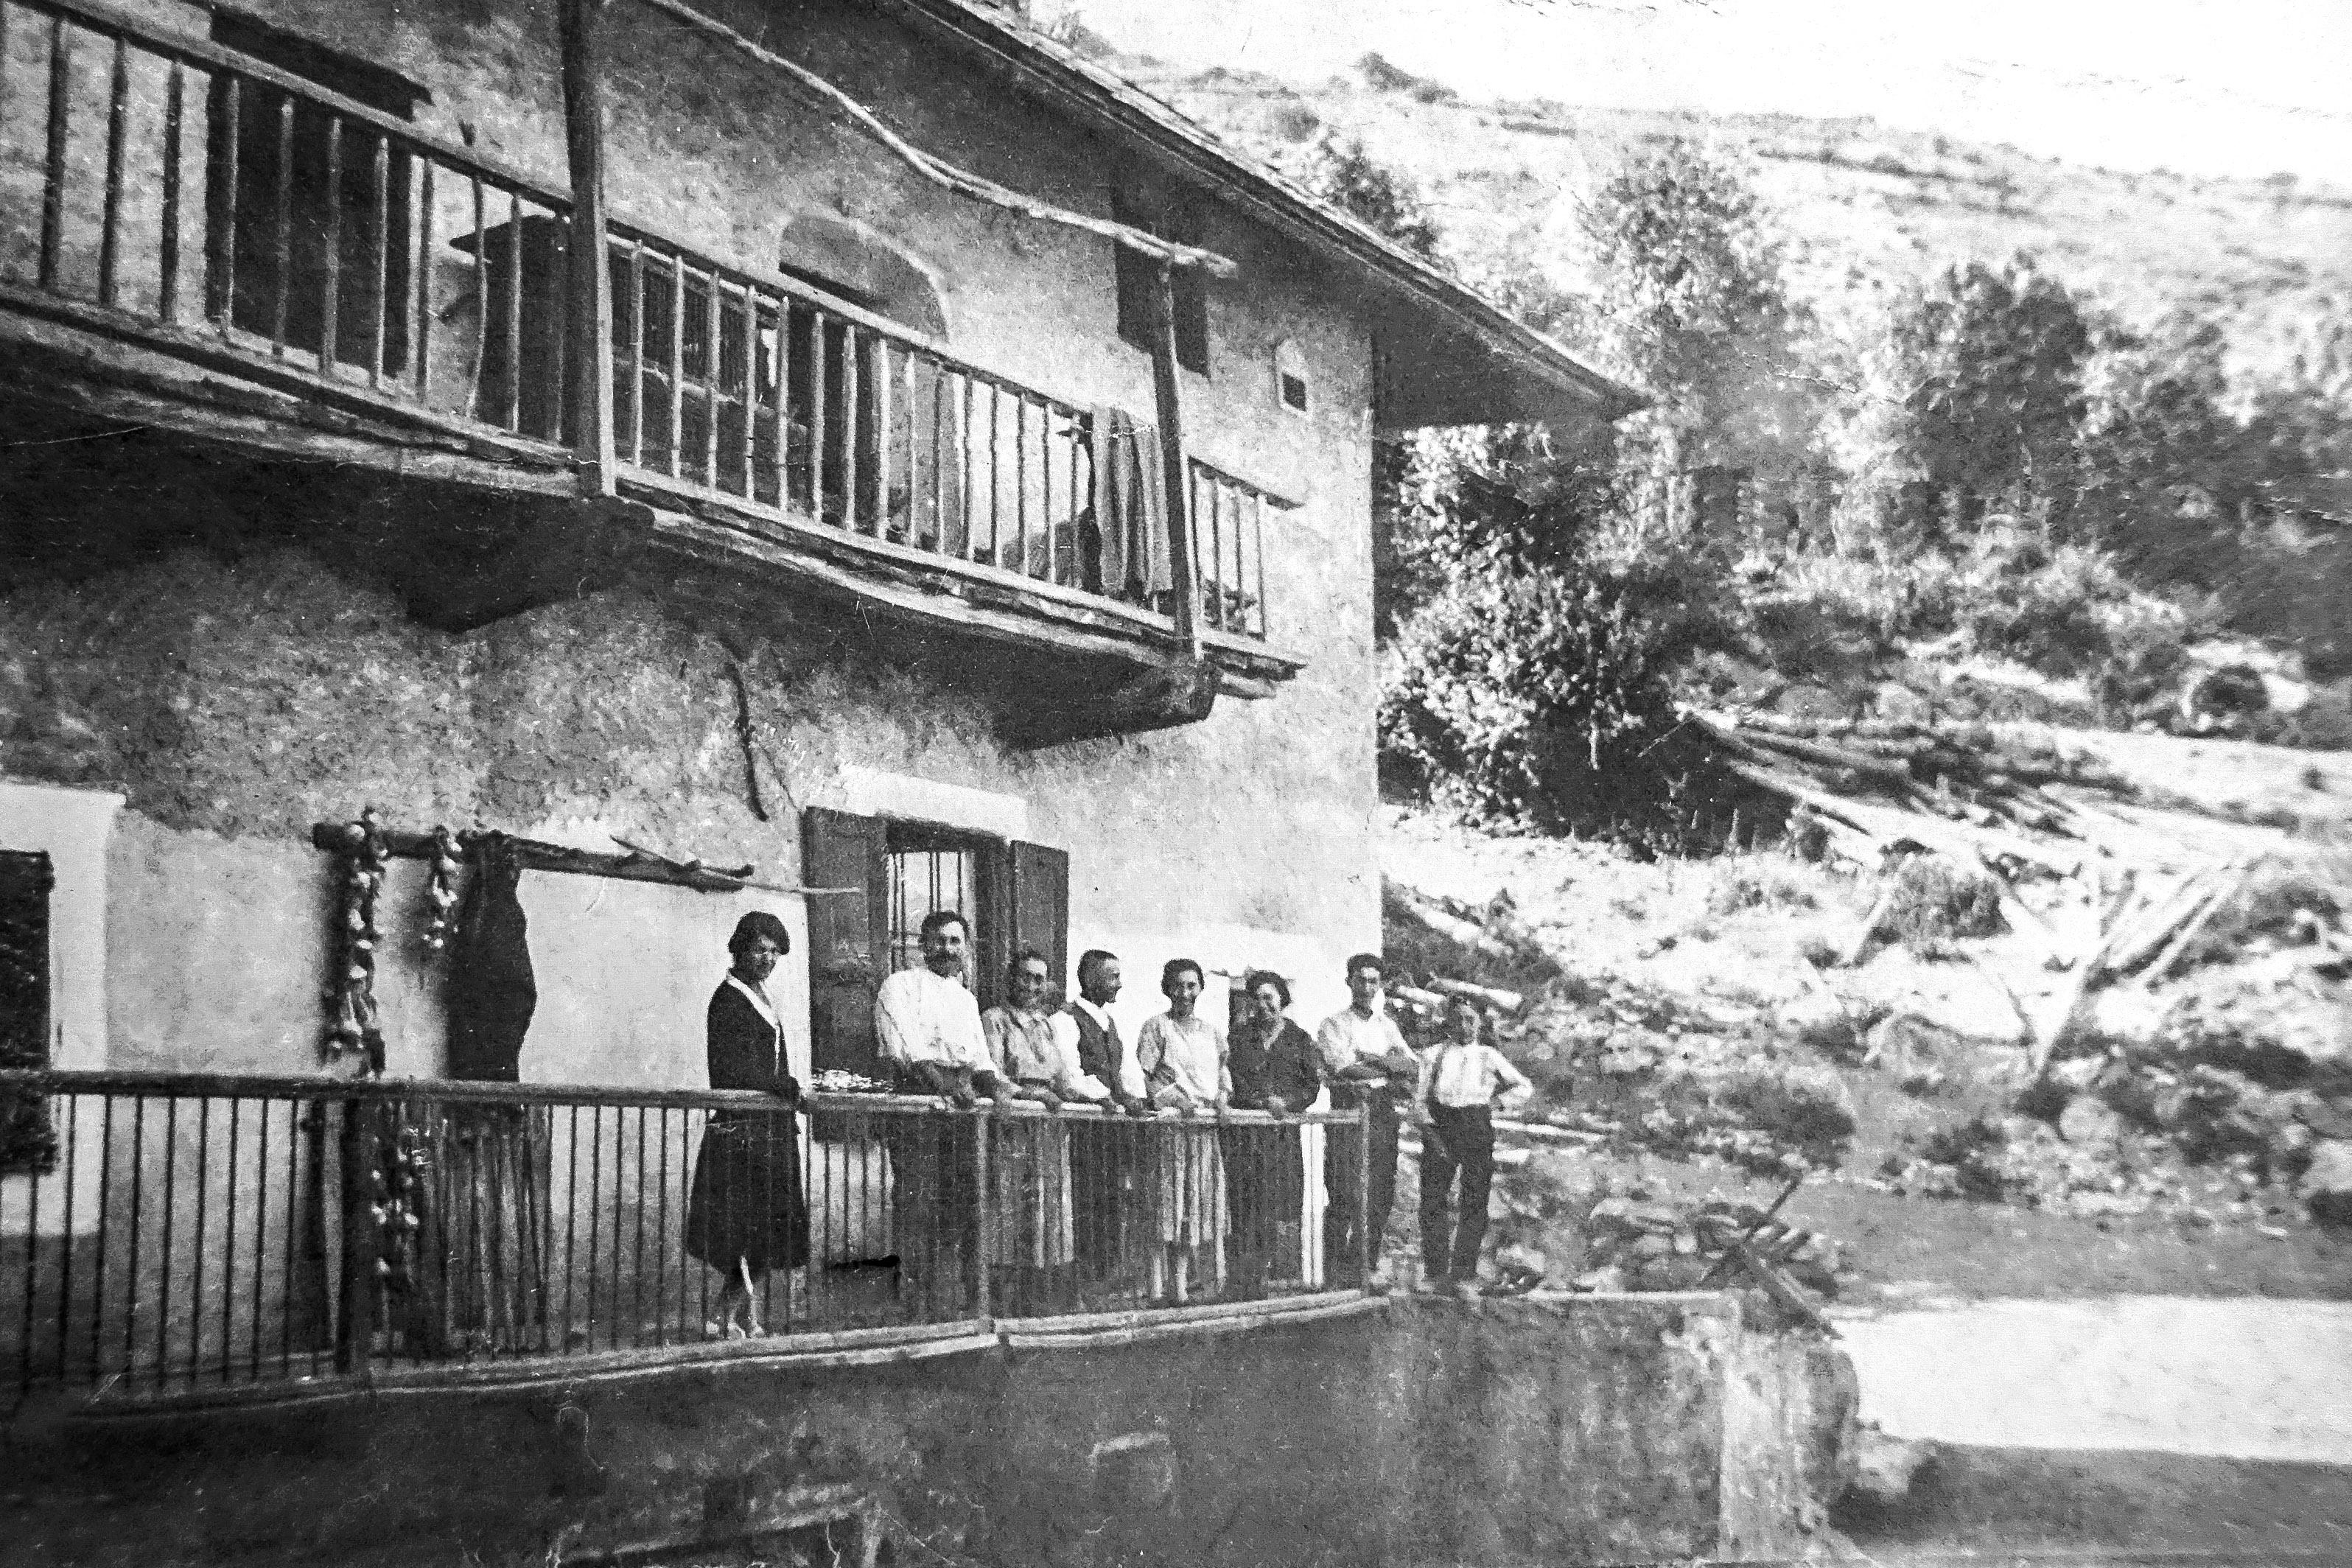 Maison Bernaudon au Fournet, années 30. Il y a de la vie, de la jeunesse. (Ph. Jouvenne)